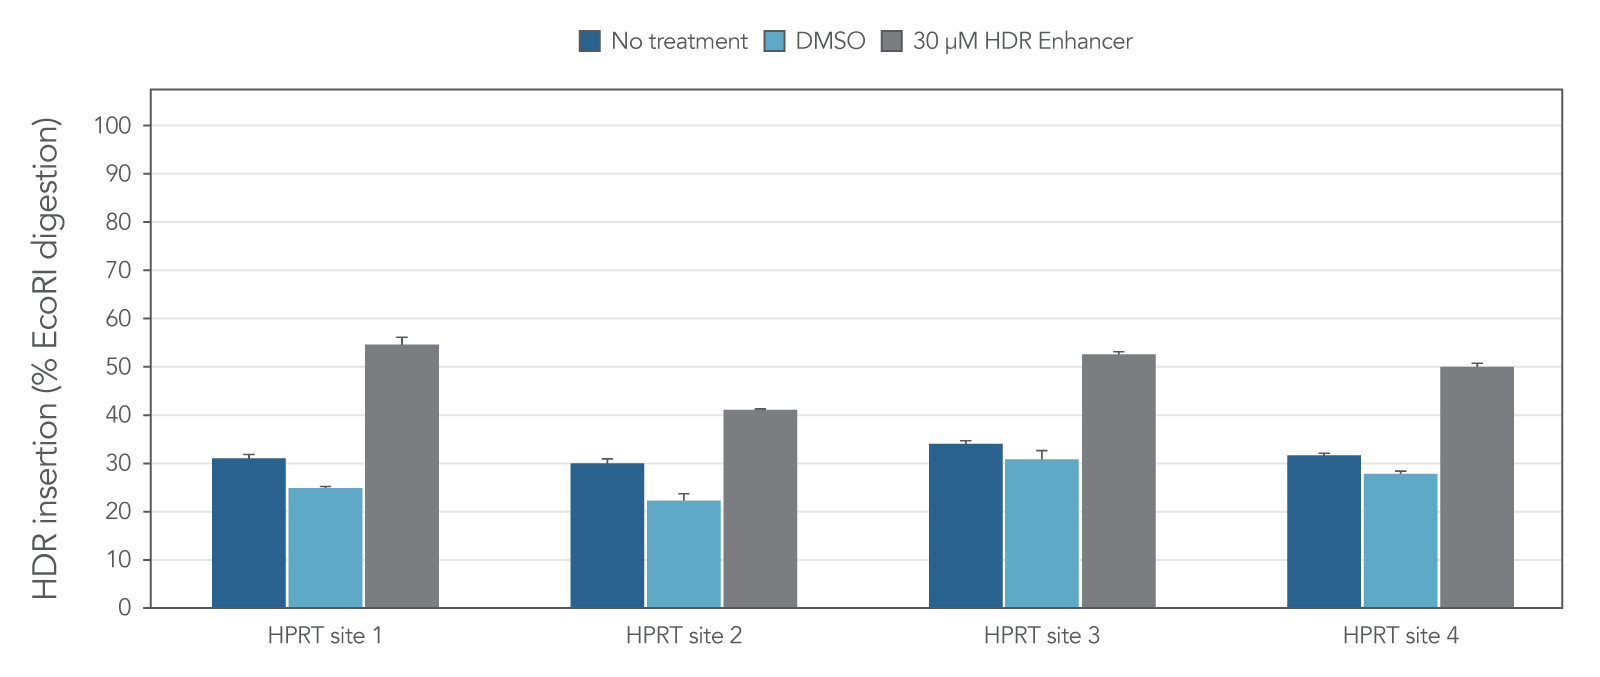 HDR Enhancer improves HDR